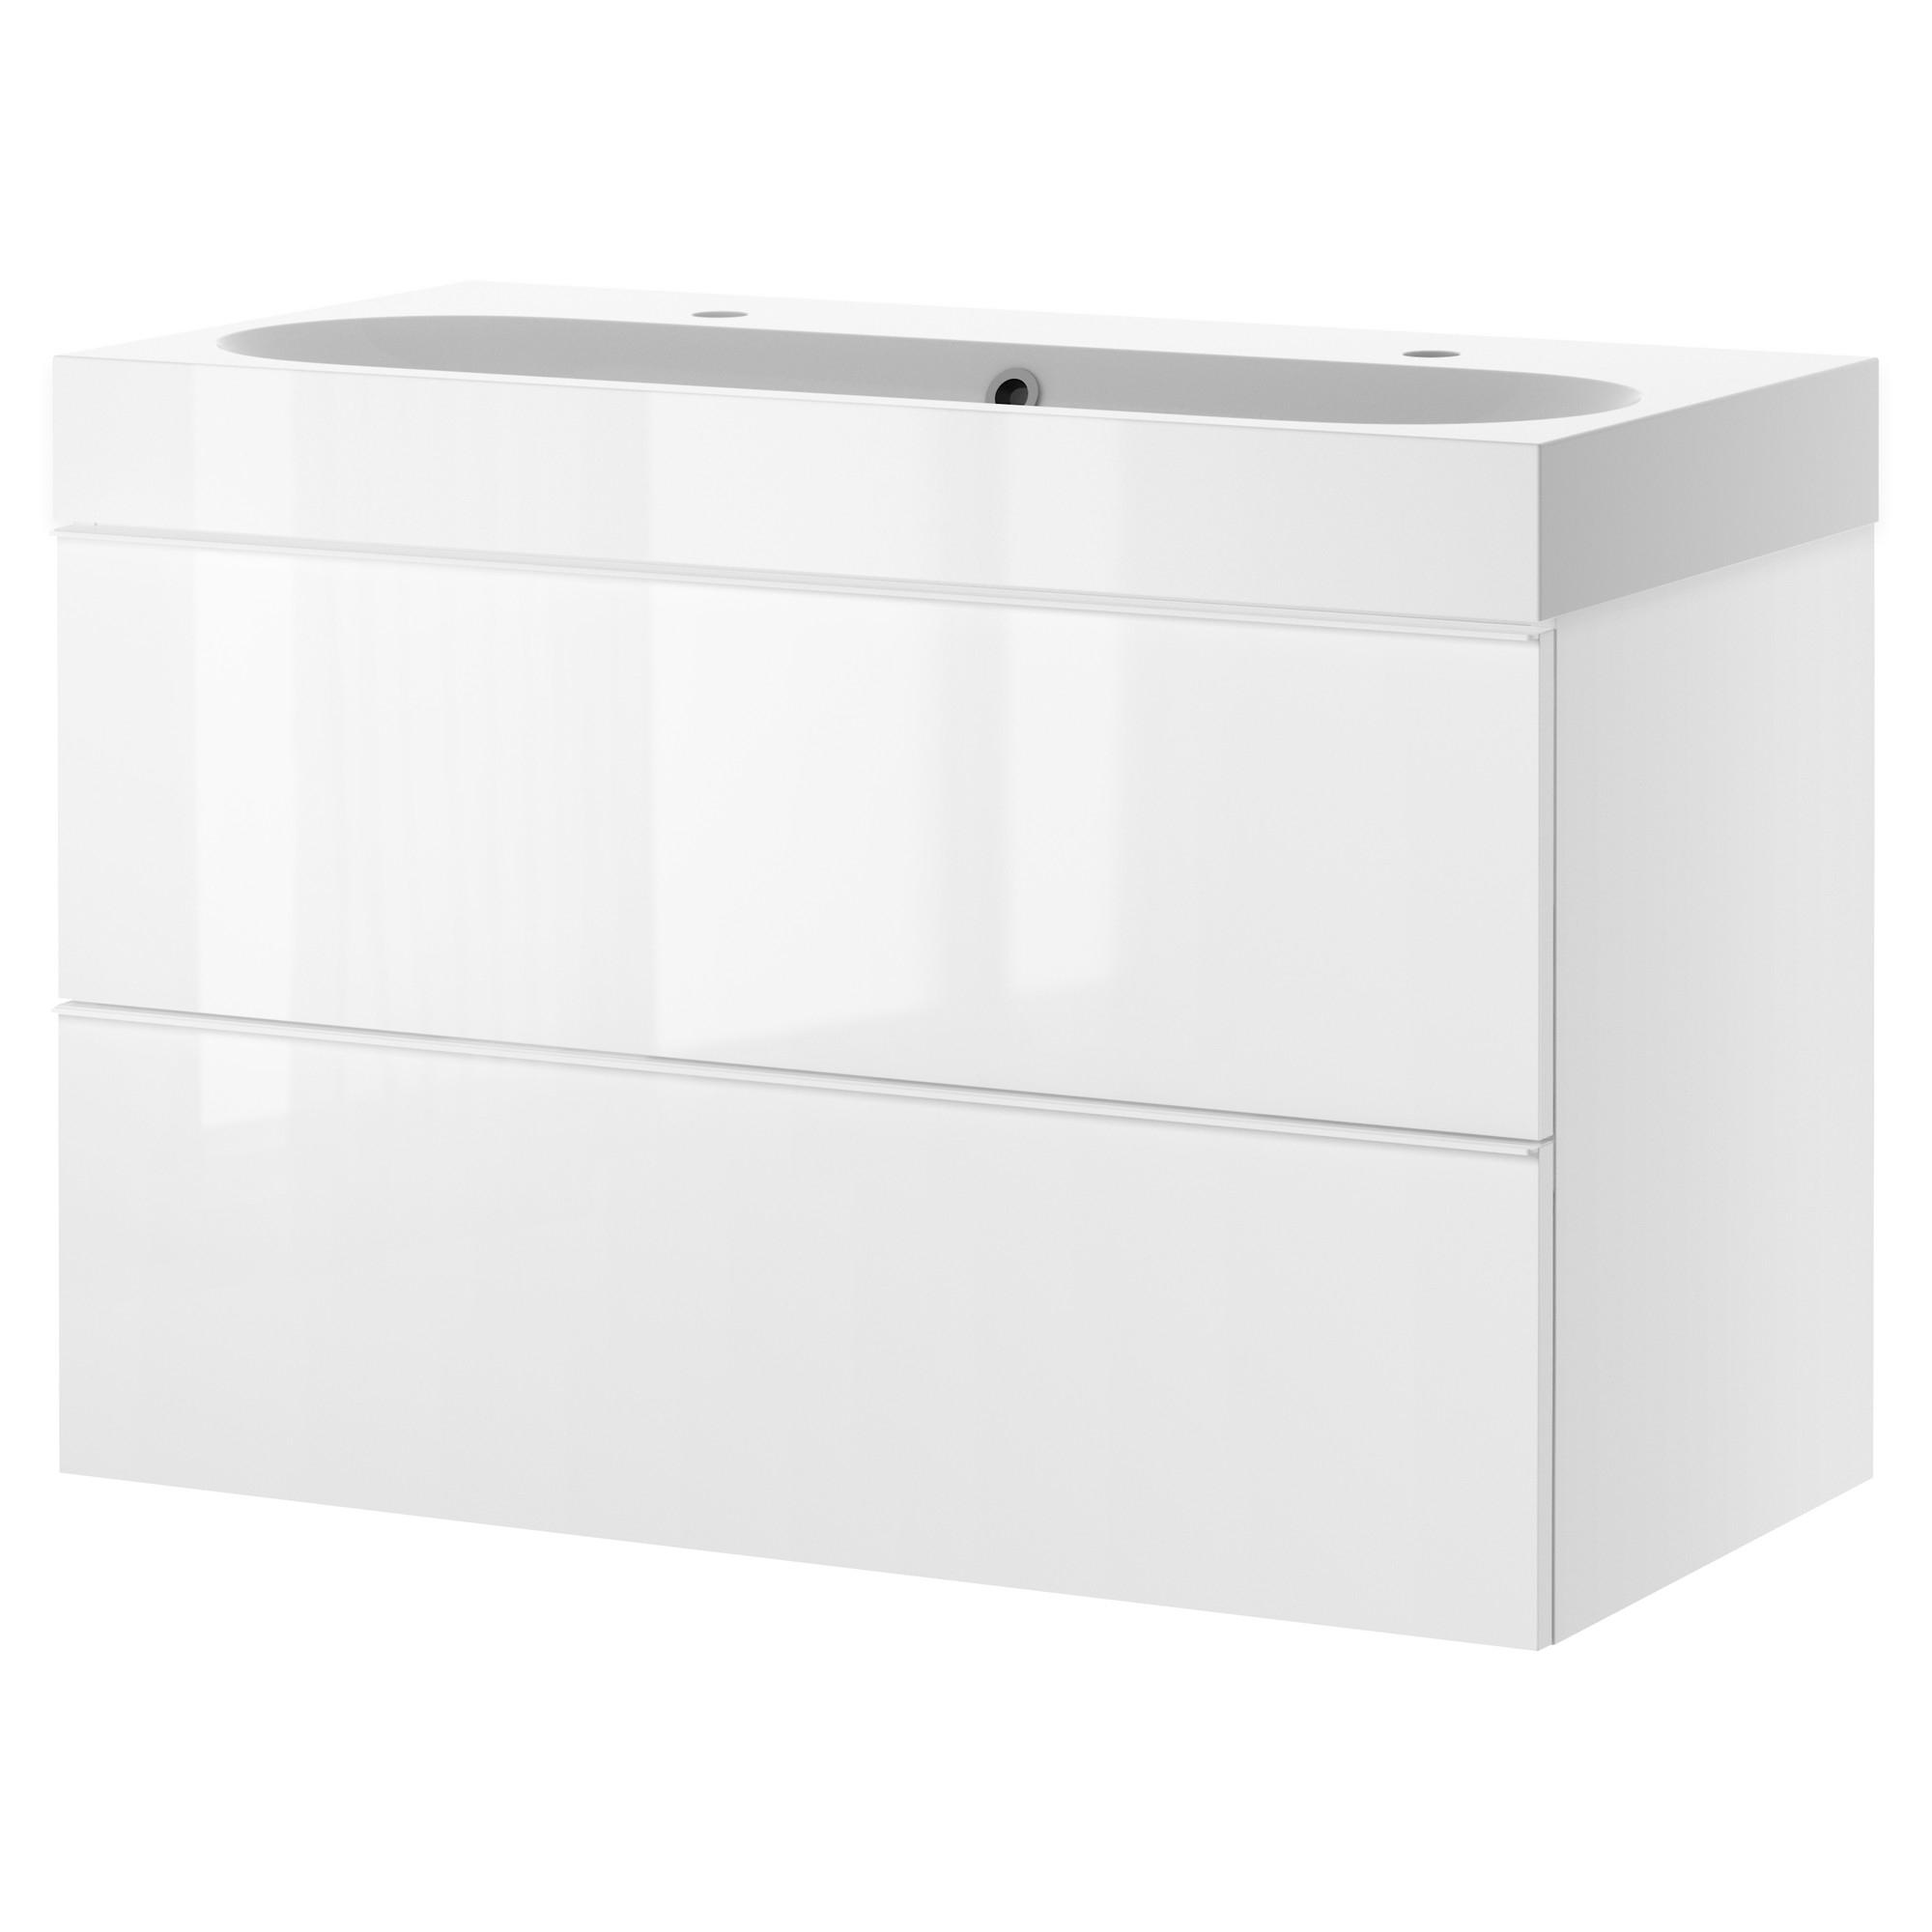 Muebles lavabo en ikea 20170828035215 - Armario lavabo ikea ...